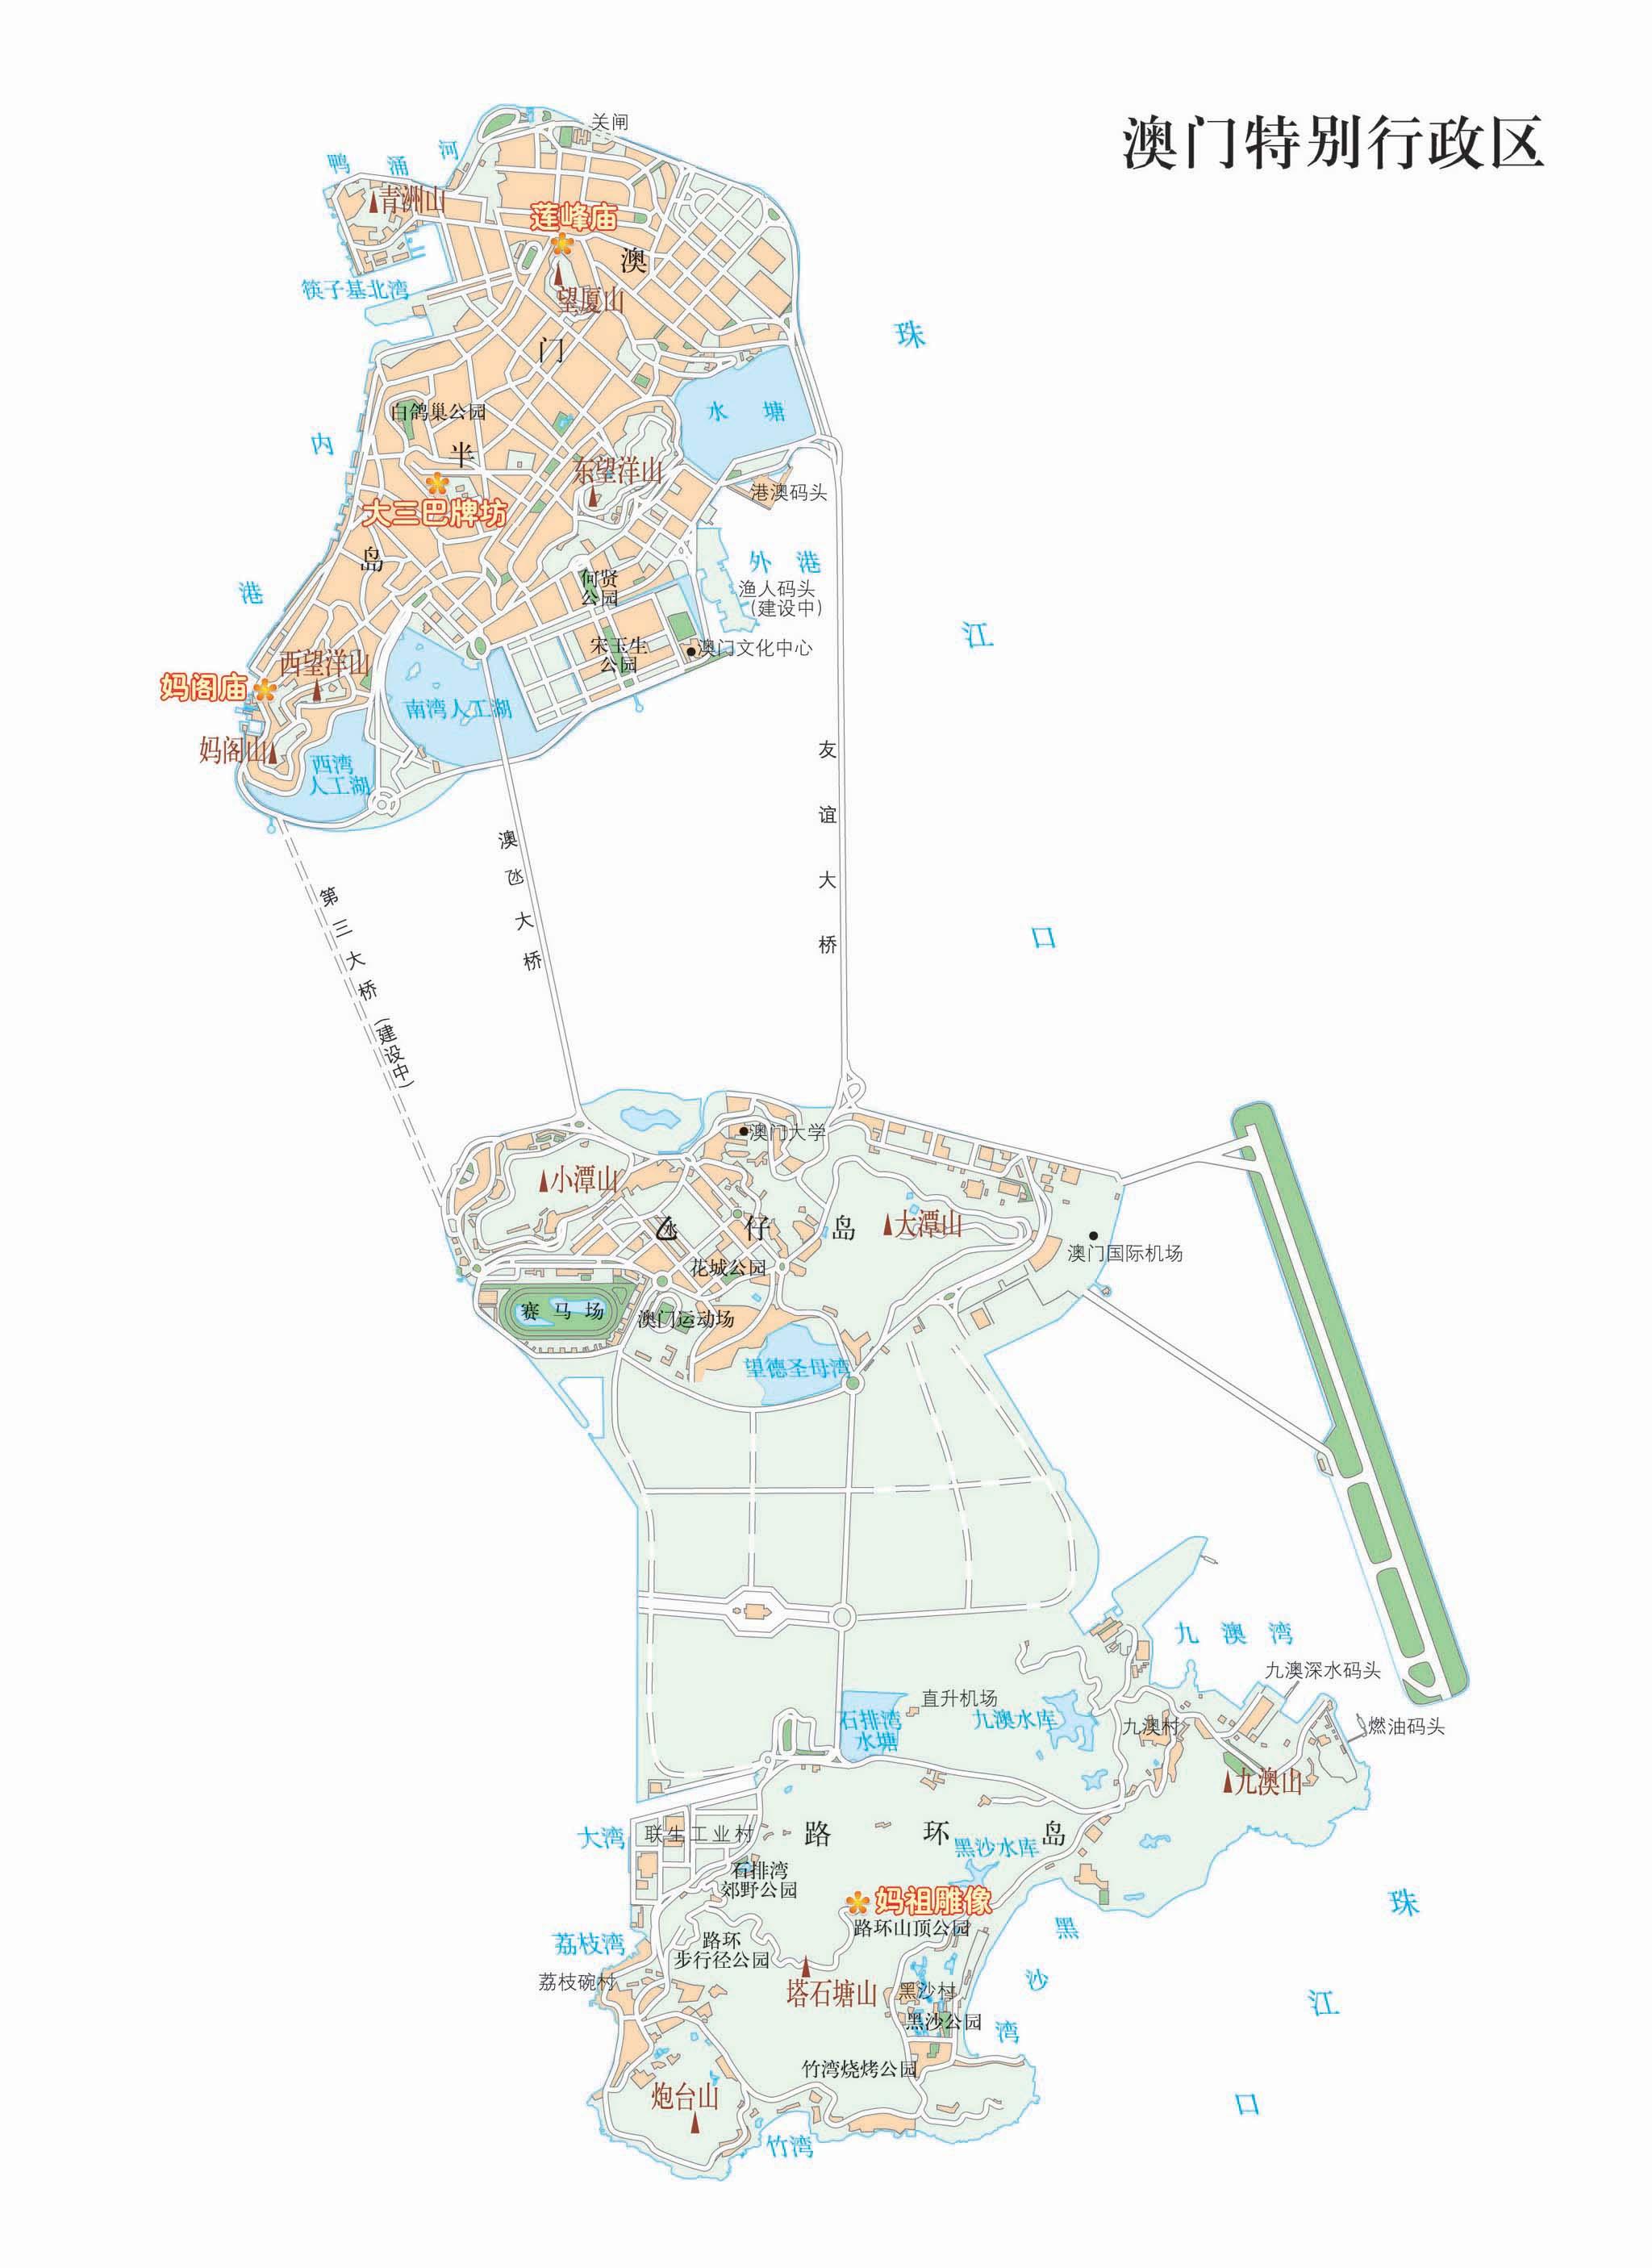 澳门地�_地方行政区划地图 2048x2811 - 356kb - jpeg 《中华人民共和国 澳门